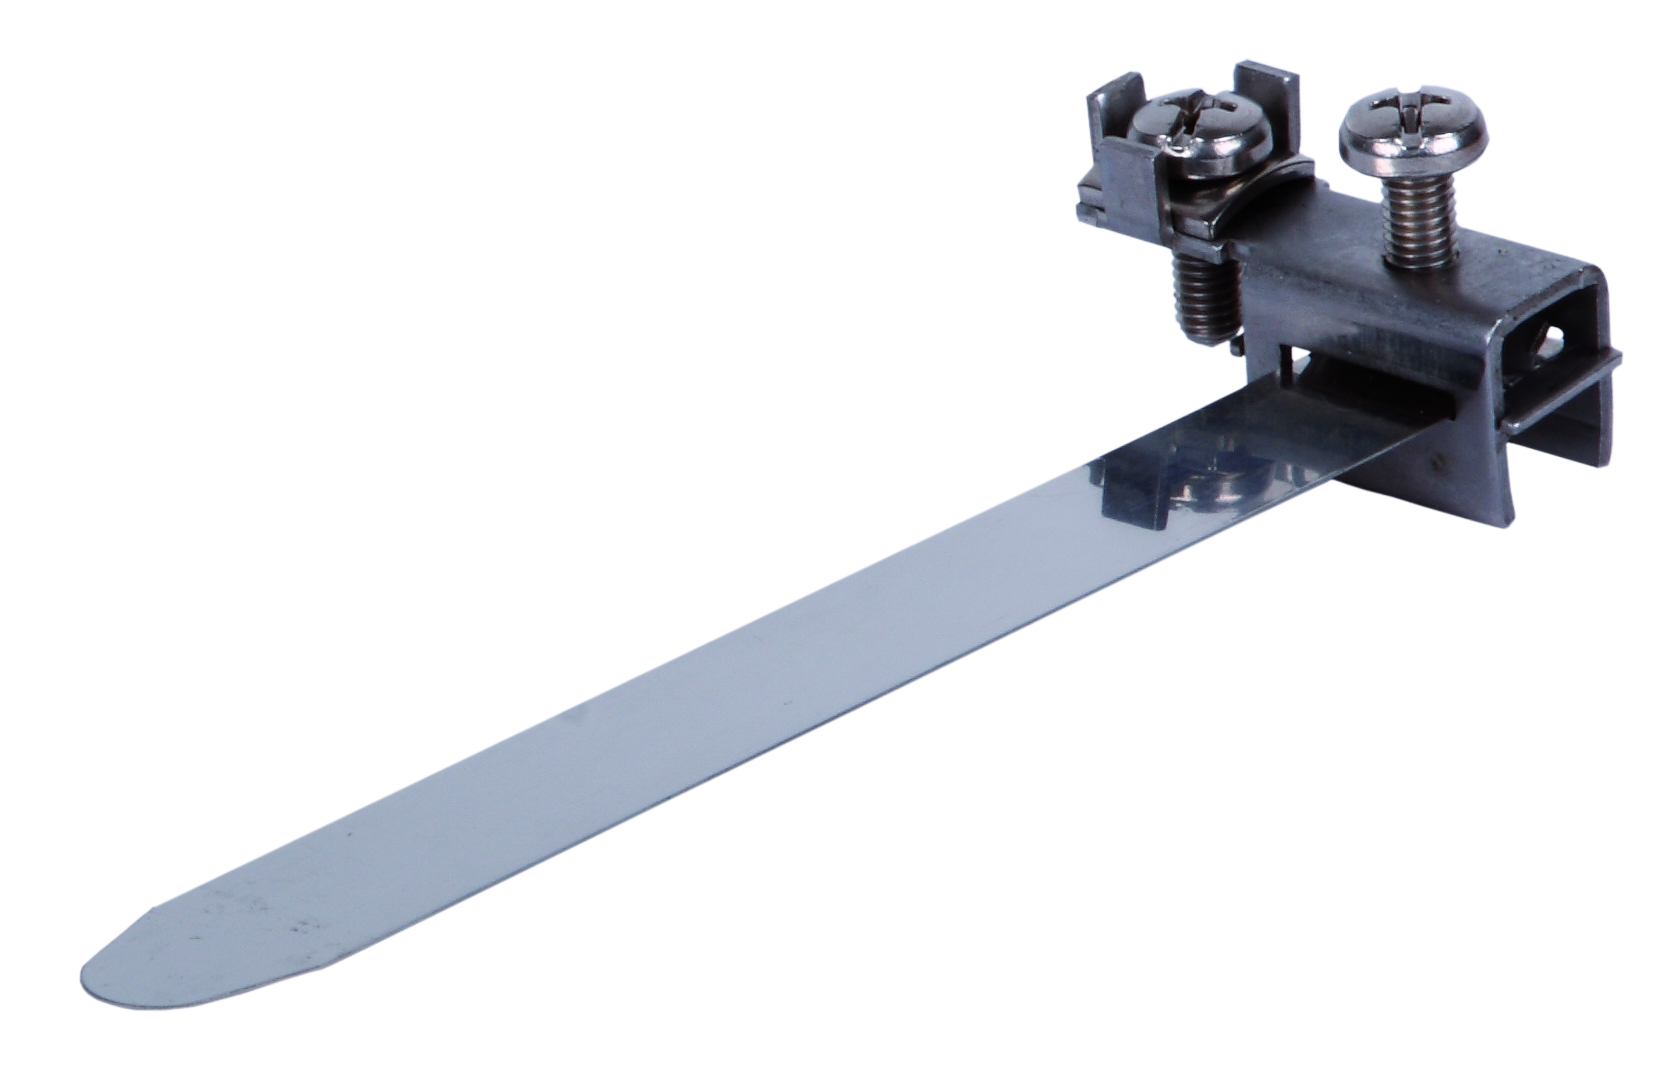 1 Stk Erdungsbandschelle V2A Rohre Ø 8-18mm Anschluss: 2,5-16mm² BG2020423-